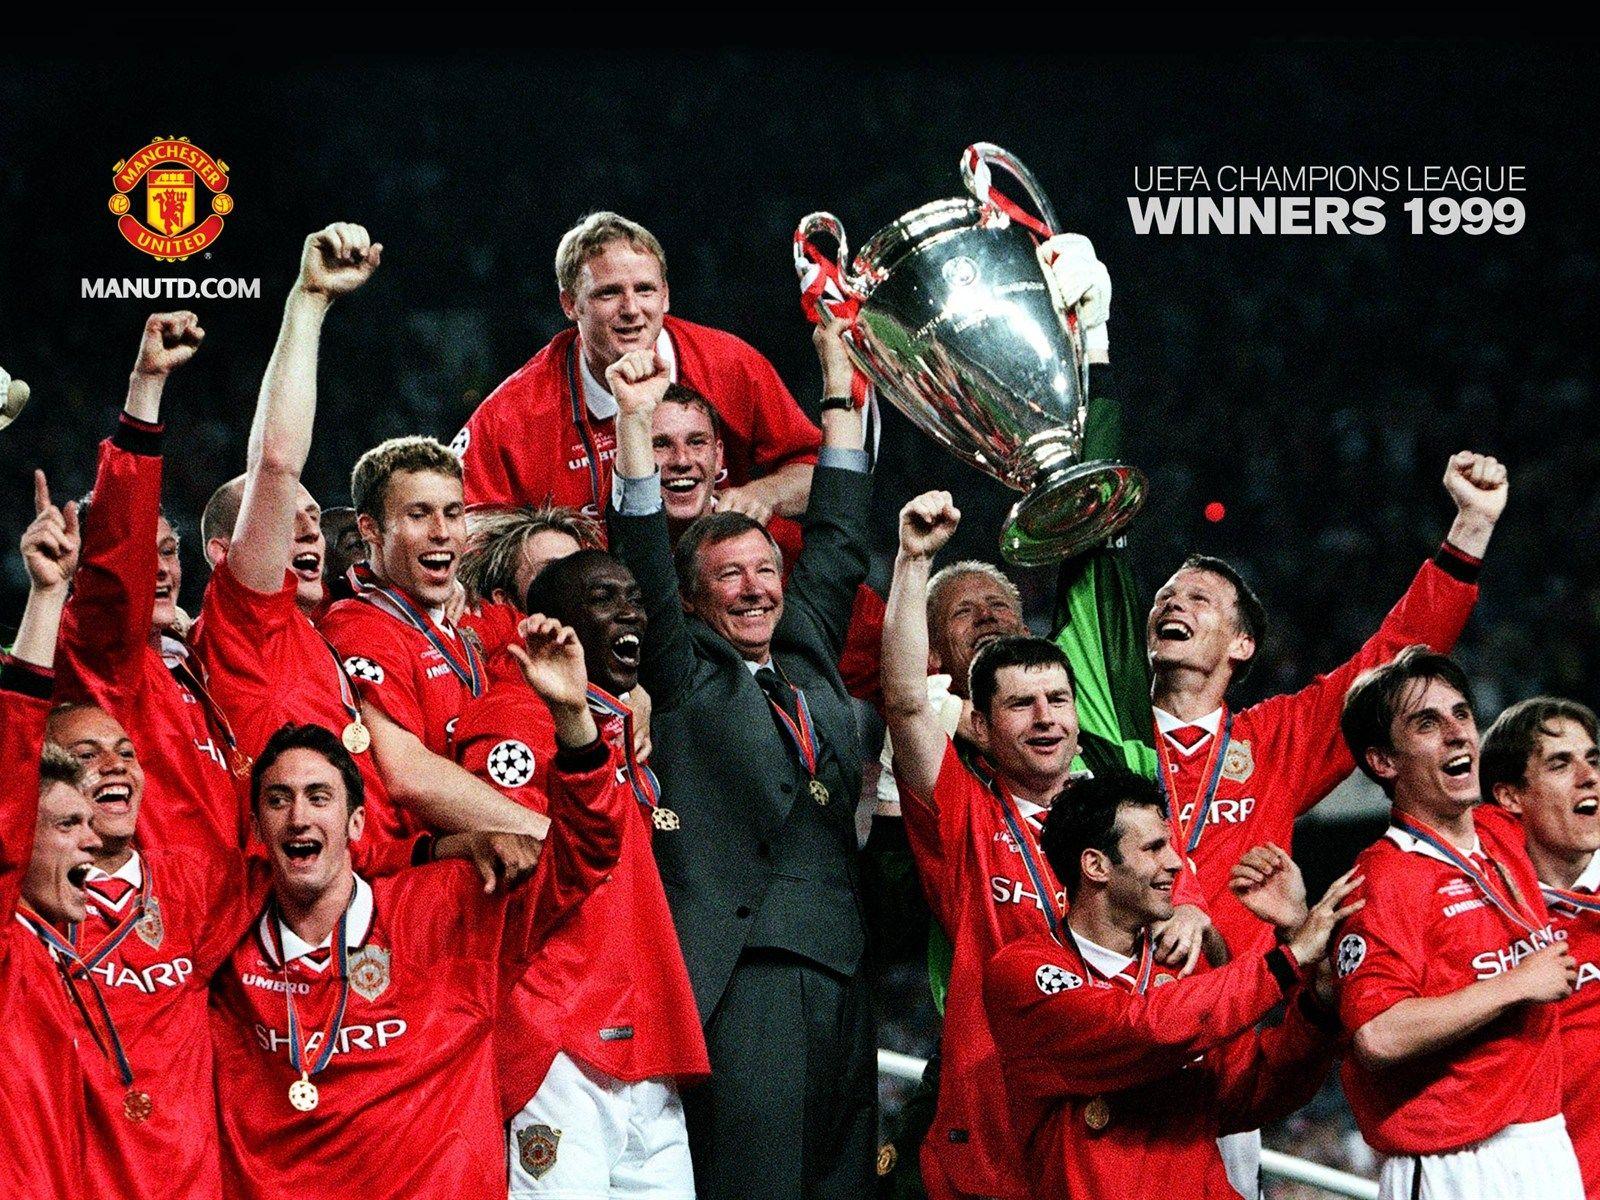 Sir Alex Ferguson And Manchester United Manchester United Champions Manchester United Players Manchester United Football Club